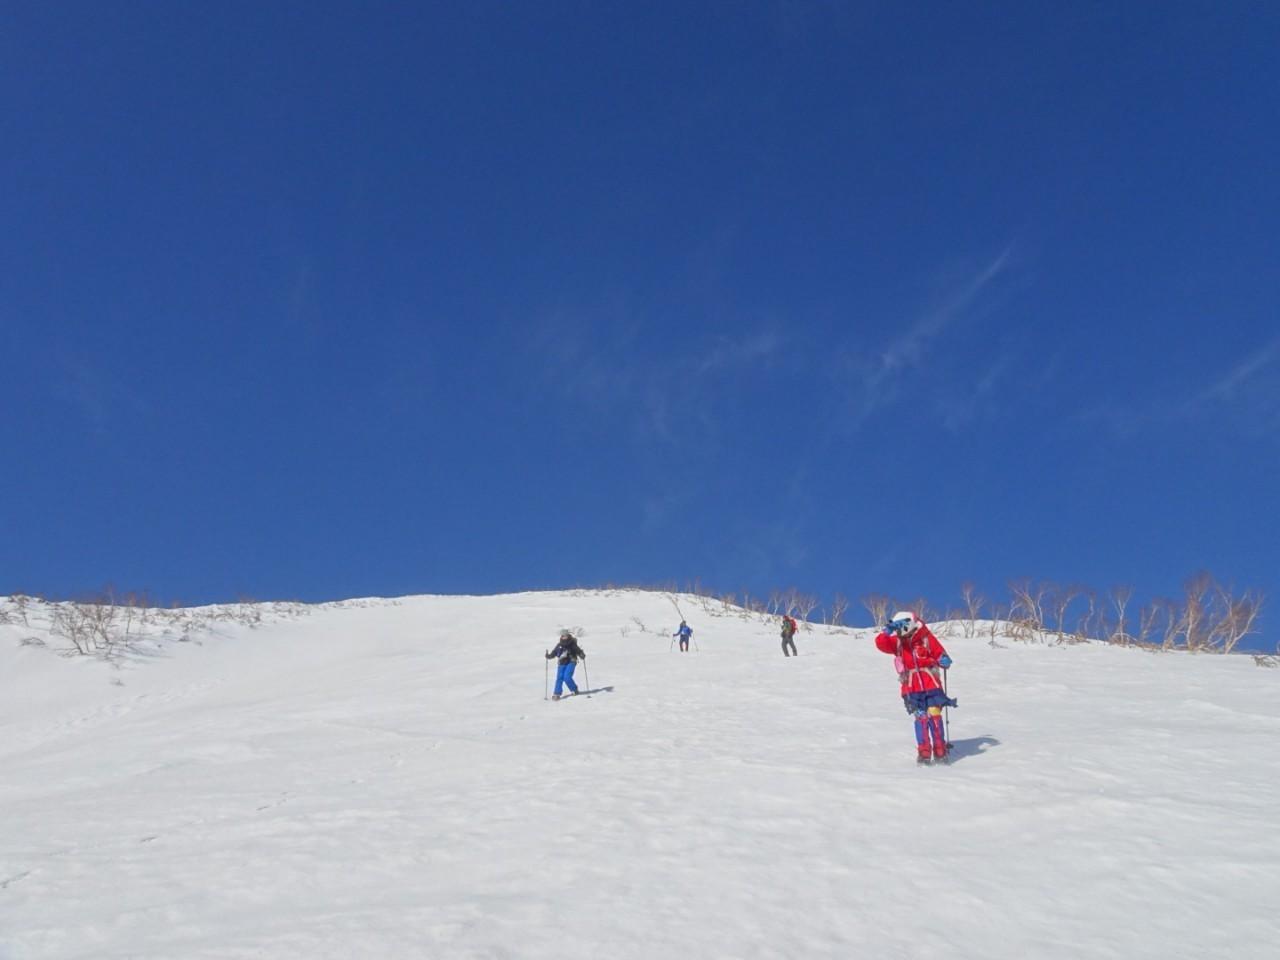 羊蹄山ご来光登山、2019.4.21ー同行者からの写真ー_f0138096_18271329.jpg